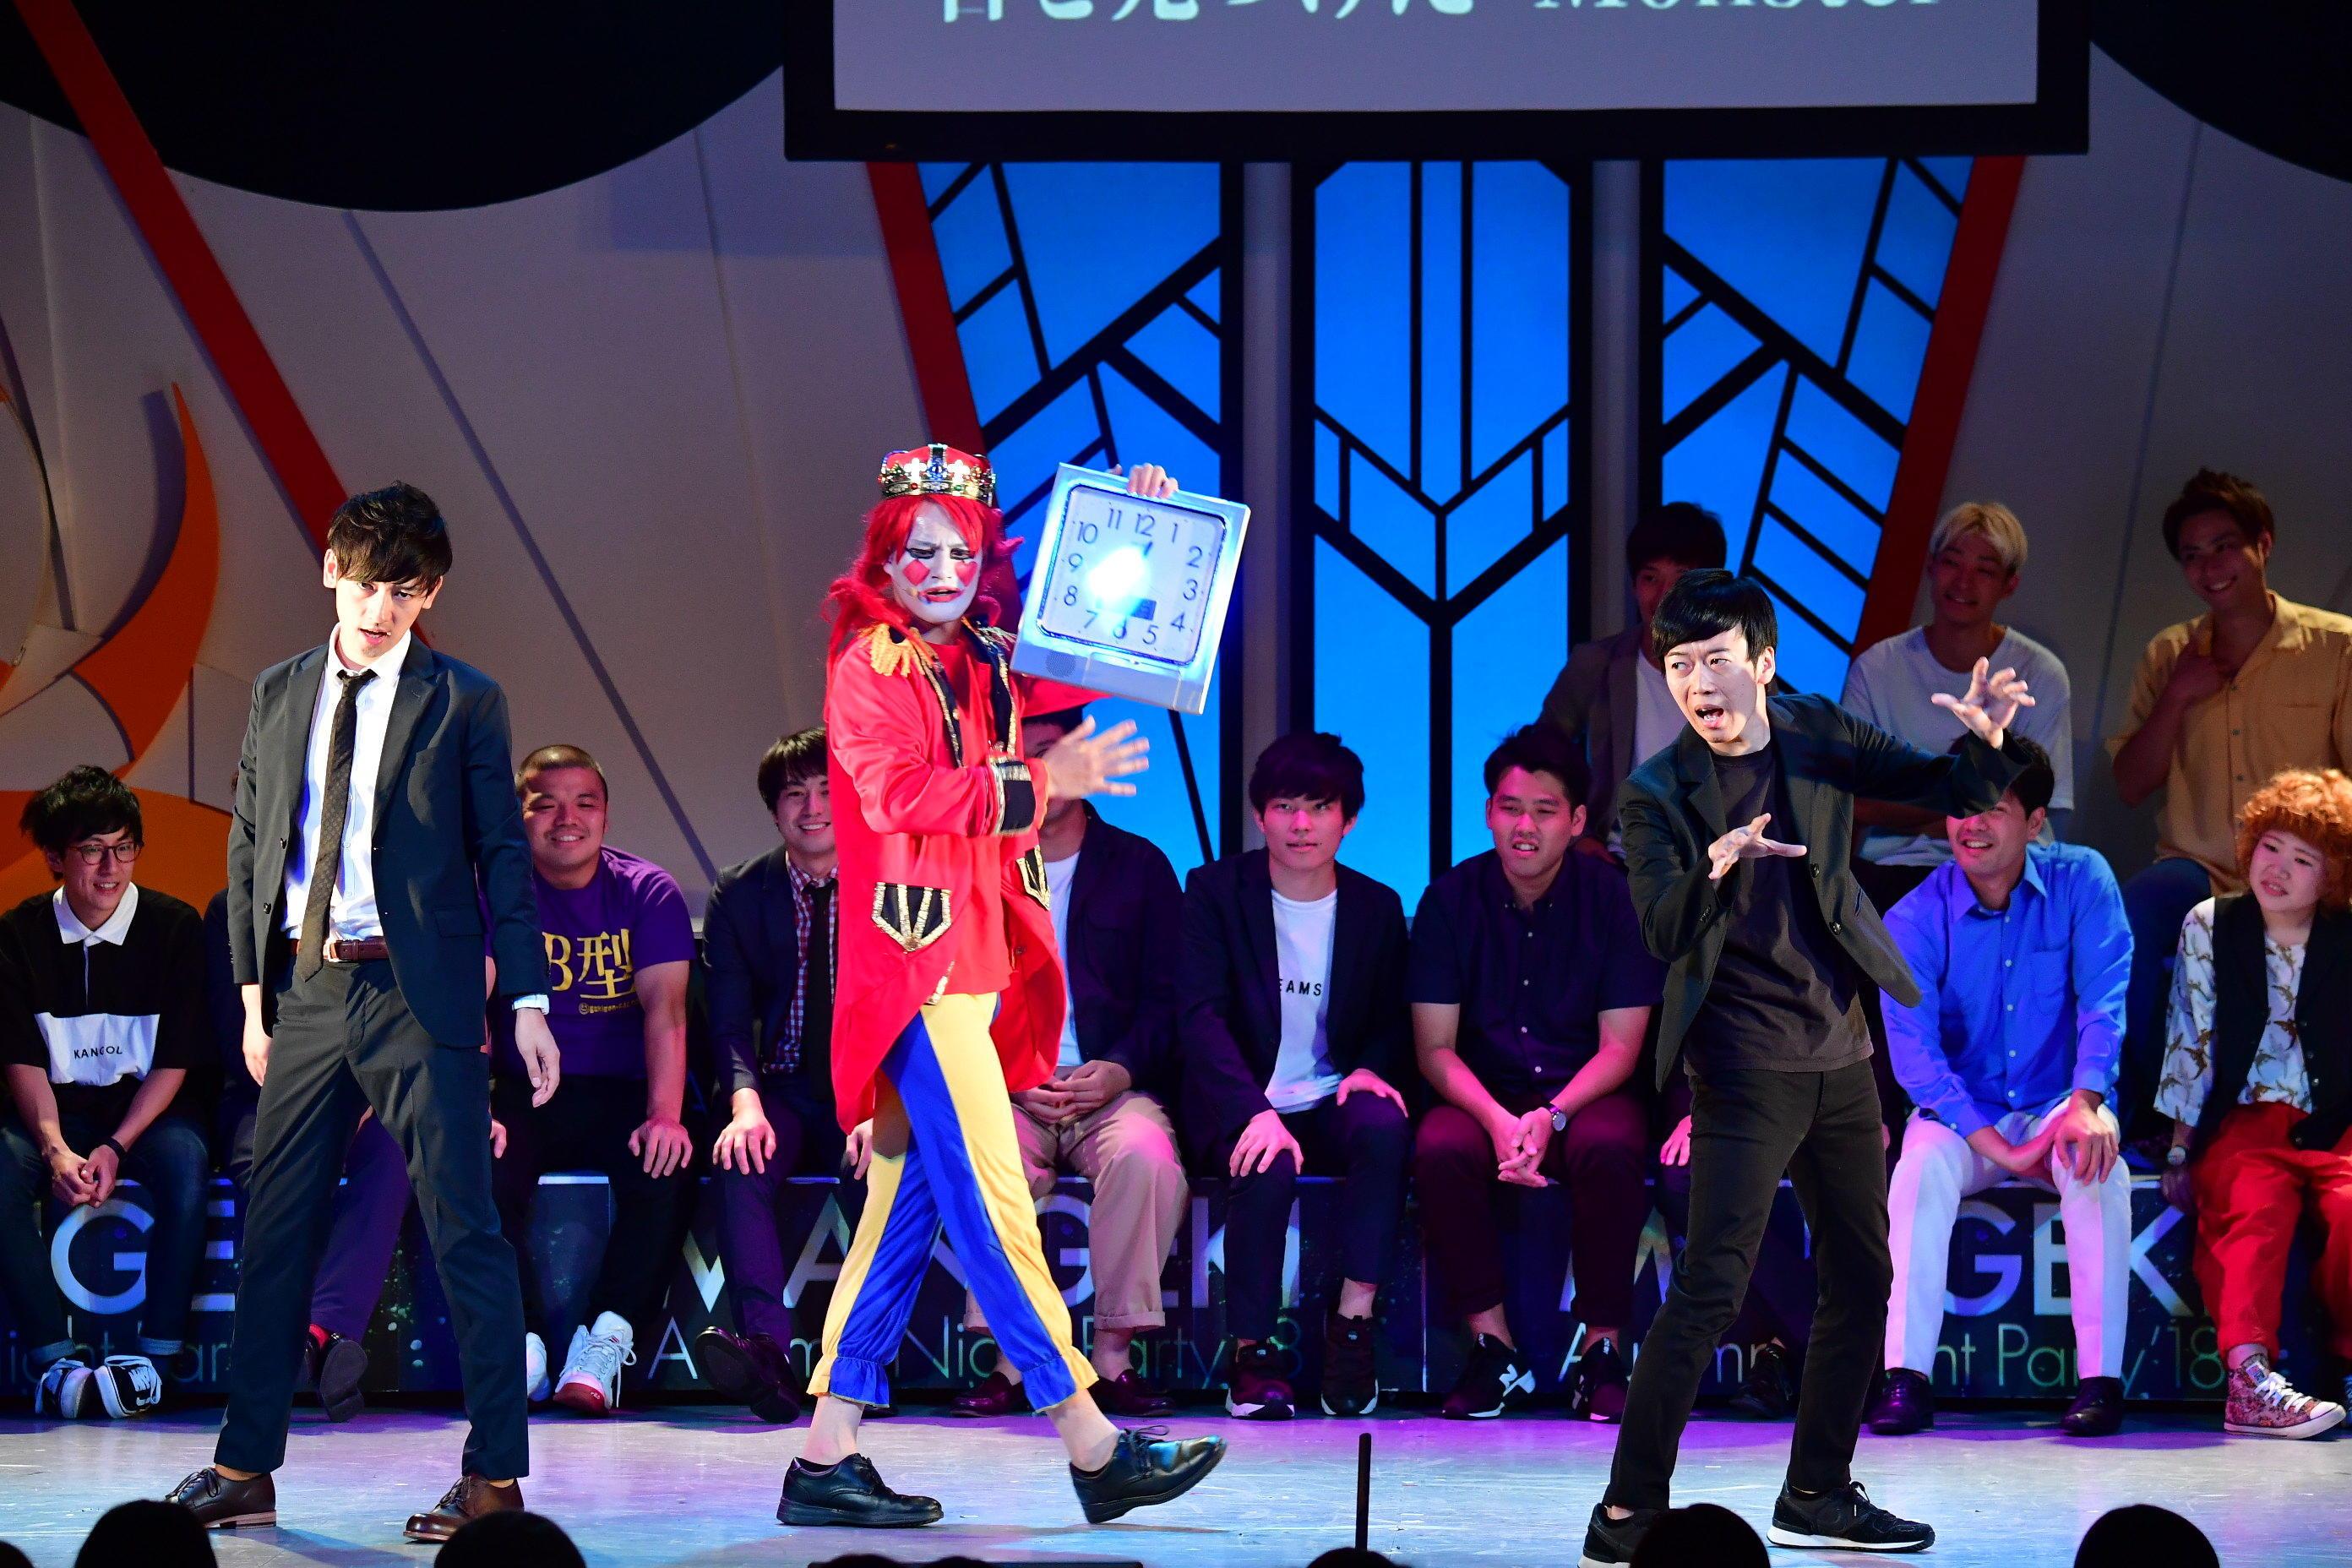 http://news.yoshimoto.co.jp/20180925143212-1316cd652c04f5d3eacae010880eec03b79ac38e.jpg